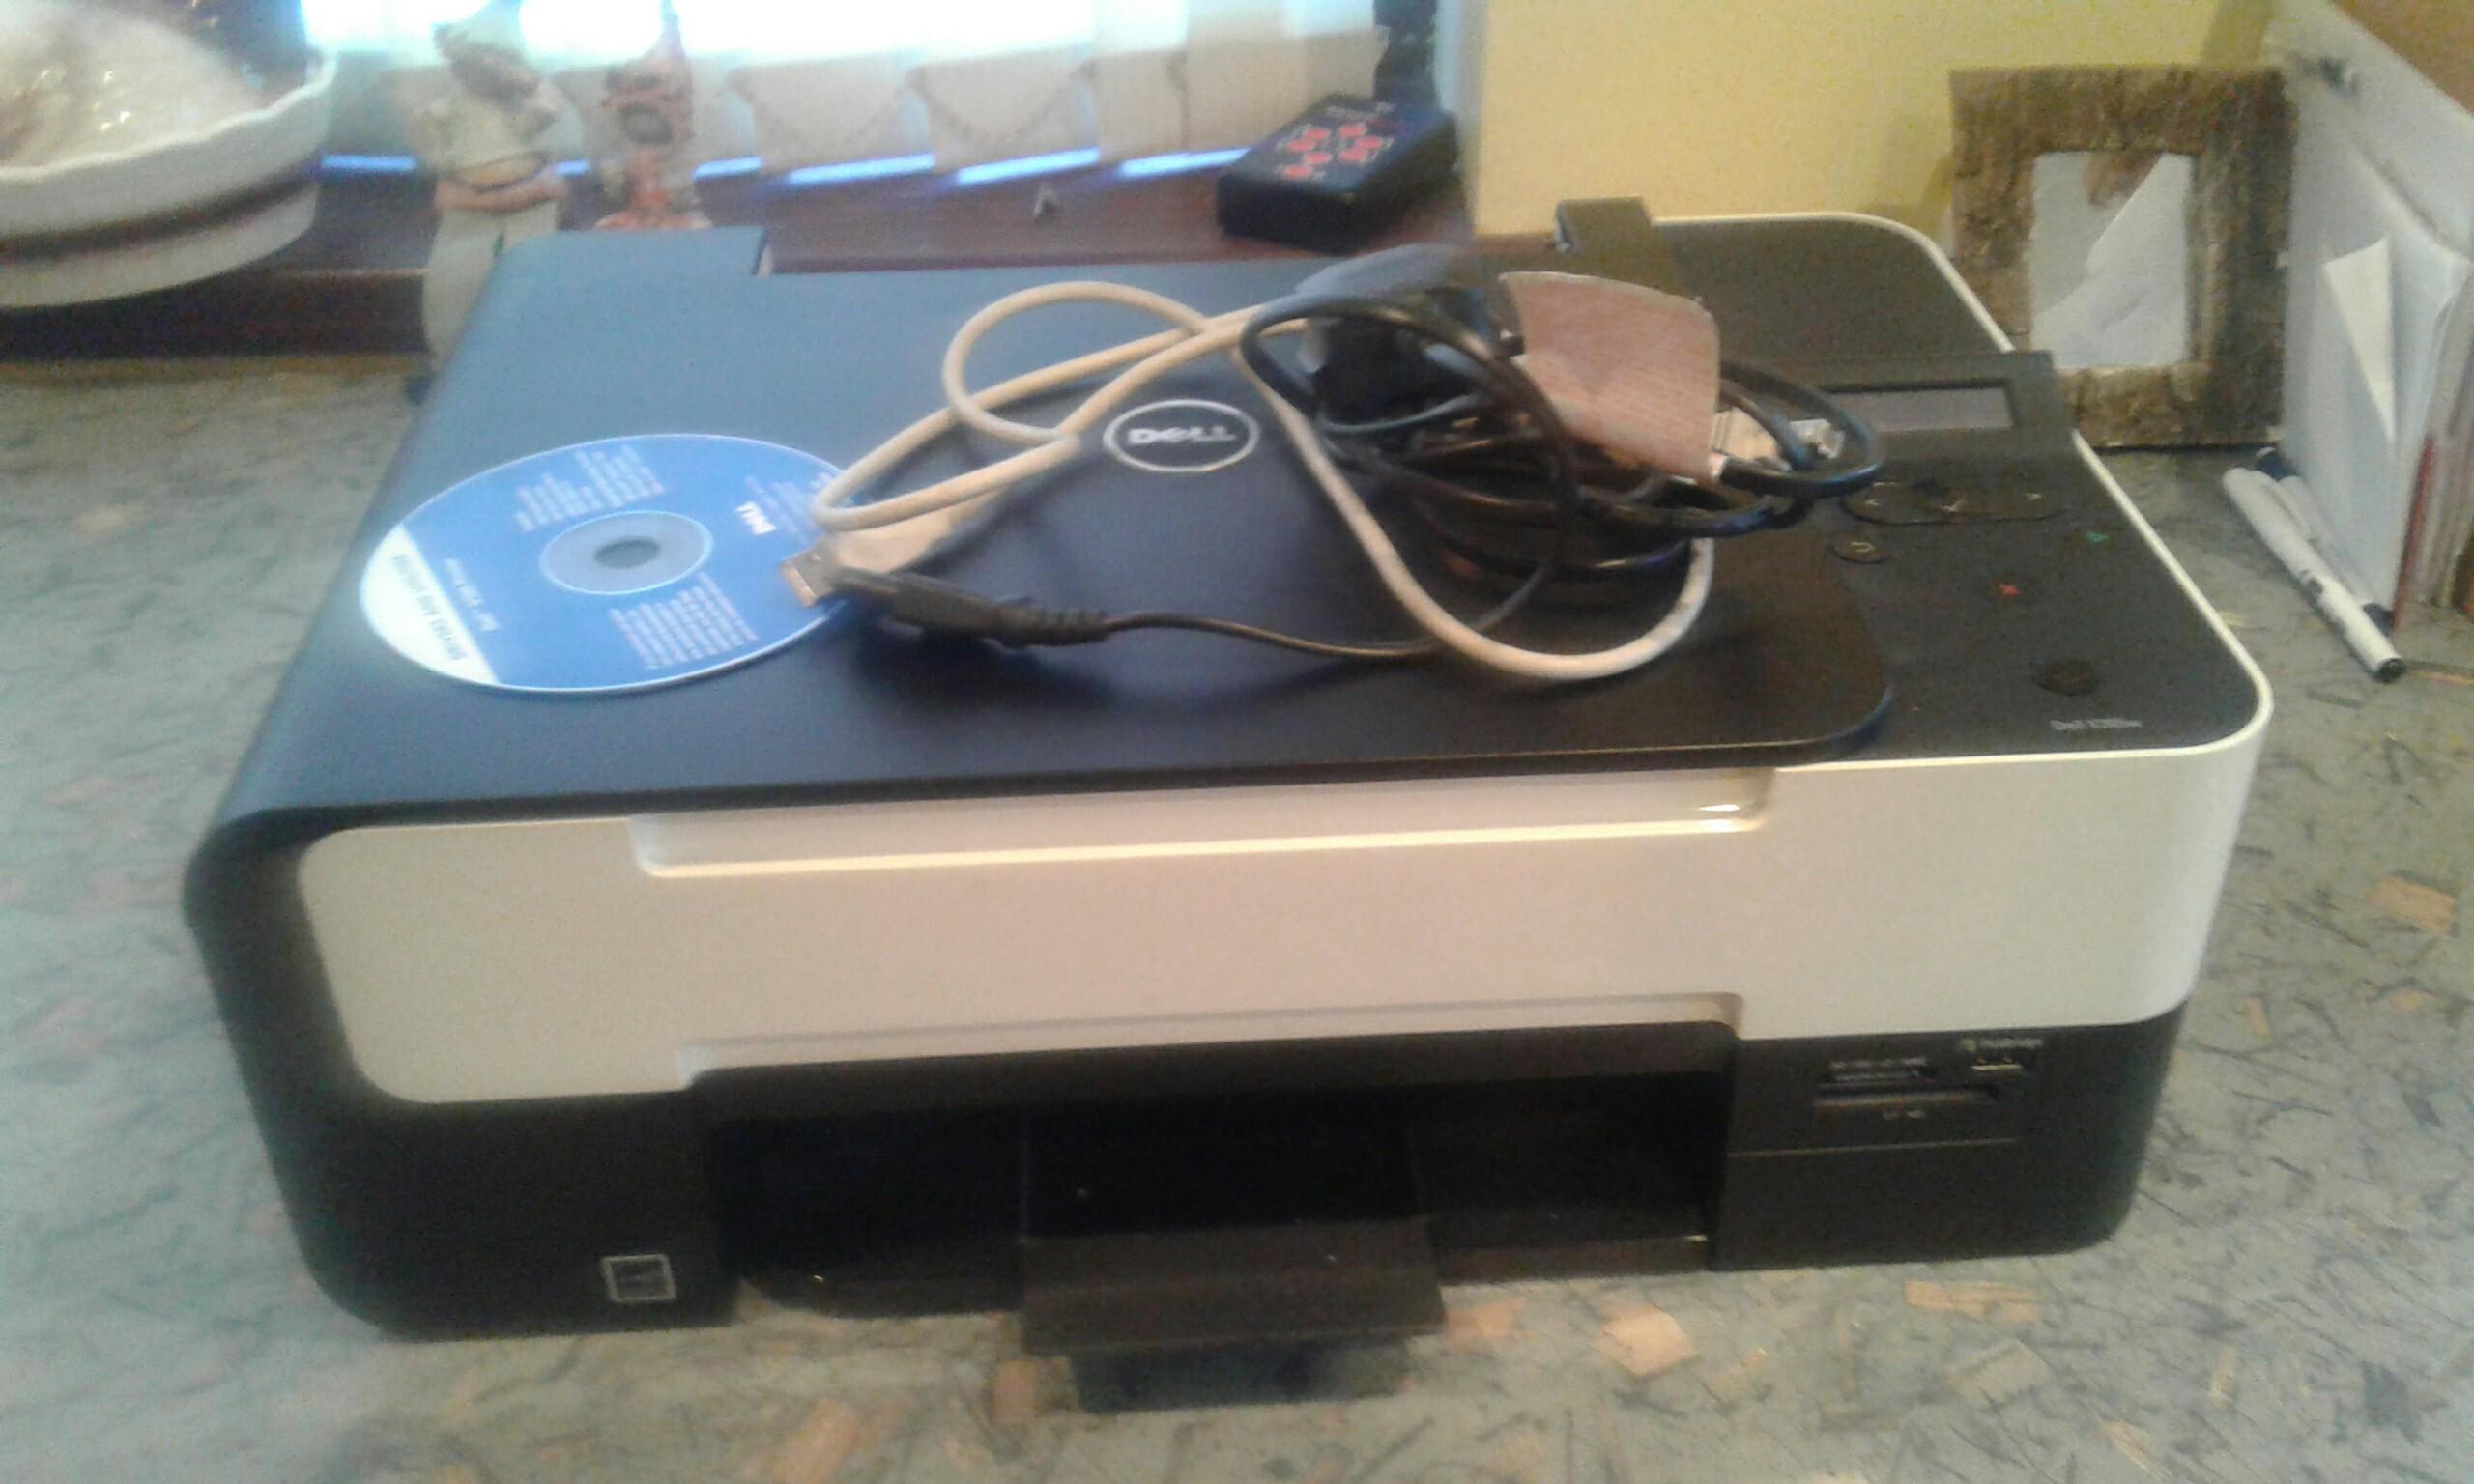 Dell v305 scanner